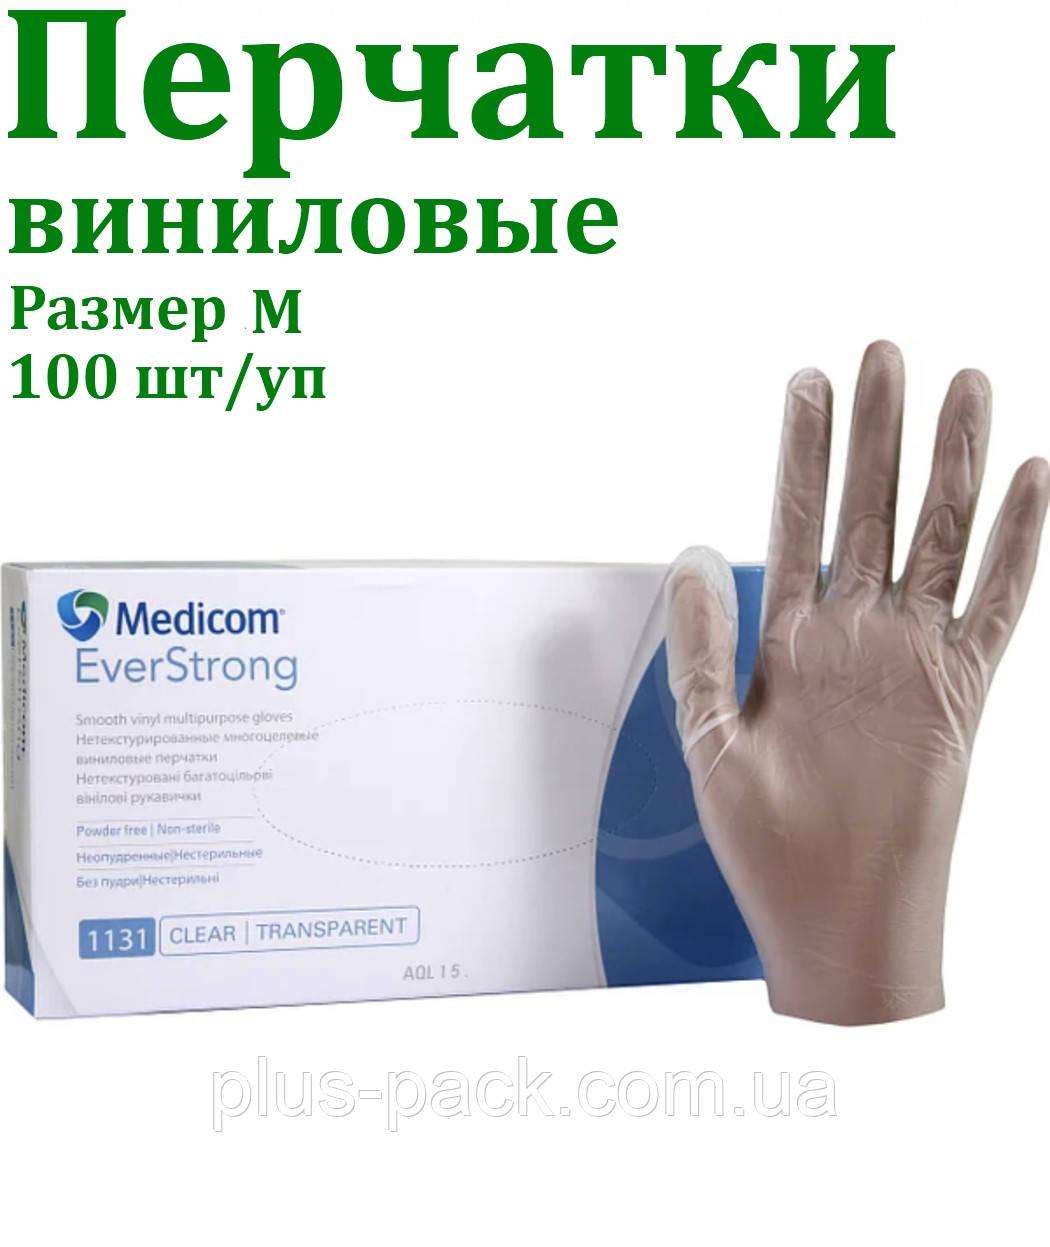 Перчатки виниловые 100шт/уп, Размер M